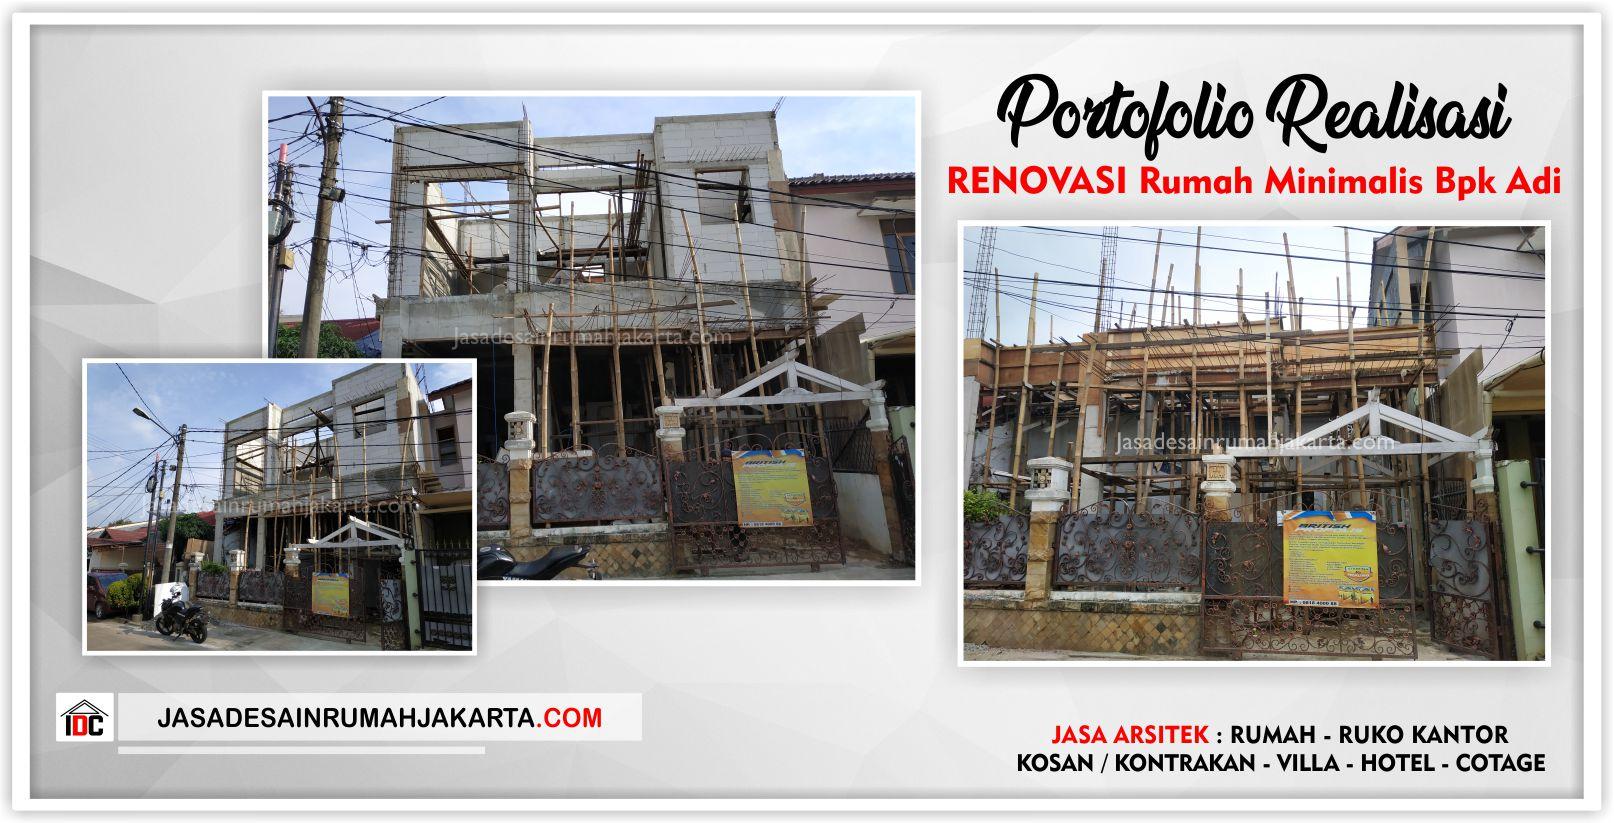 Portofolio Realisasi Rumah Bpk Adi-Arsitek Gambar Desain Rumah Minimalis Modern Di Bekasi-Jakarta-Surabaya-Tangerang-Bandung-Depok-Jasa Konsultan Desain Arsitek Profesional